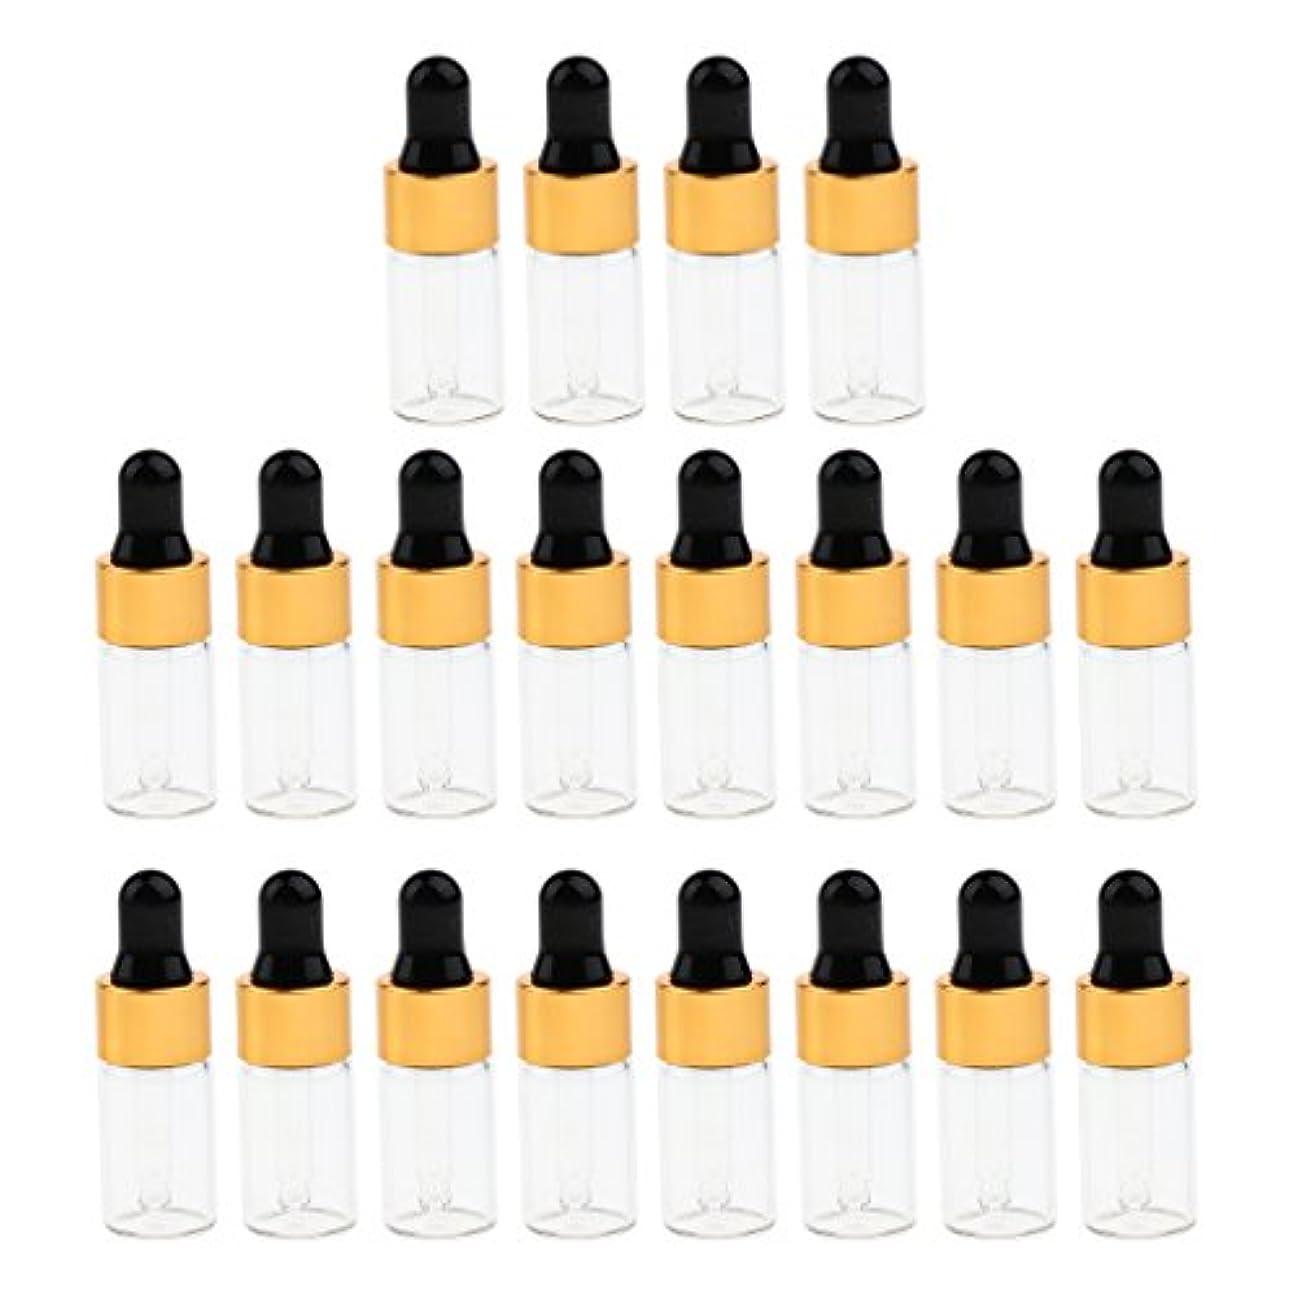 マインド独立した廃棄エッセンシャルオイル コスメ 詰替え容器 サンプルボトル ドロッパーピペットボトル 3サイズ選べ - 3 ミリリットル